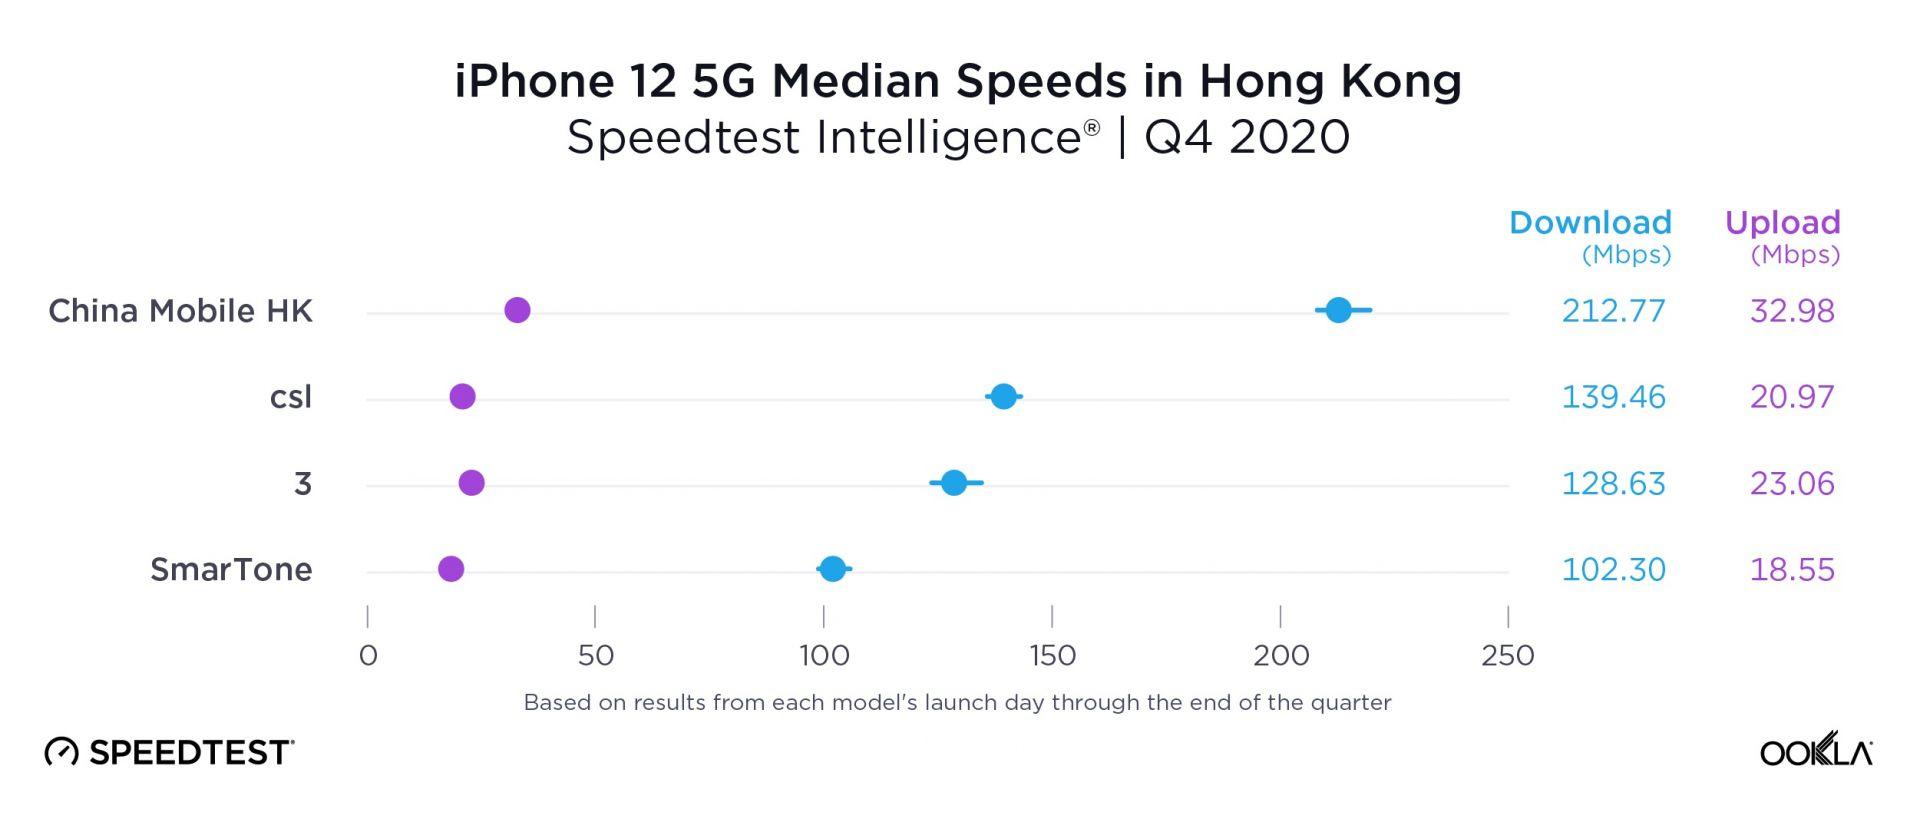 В Хонконг най-бърза е мрежата на China Mobile HK